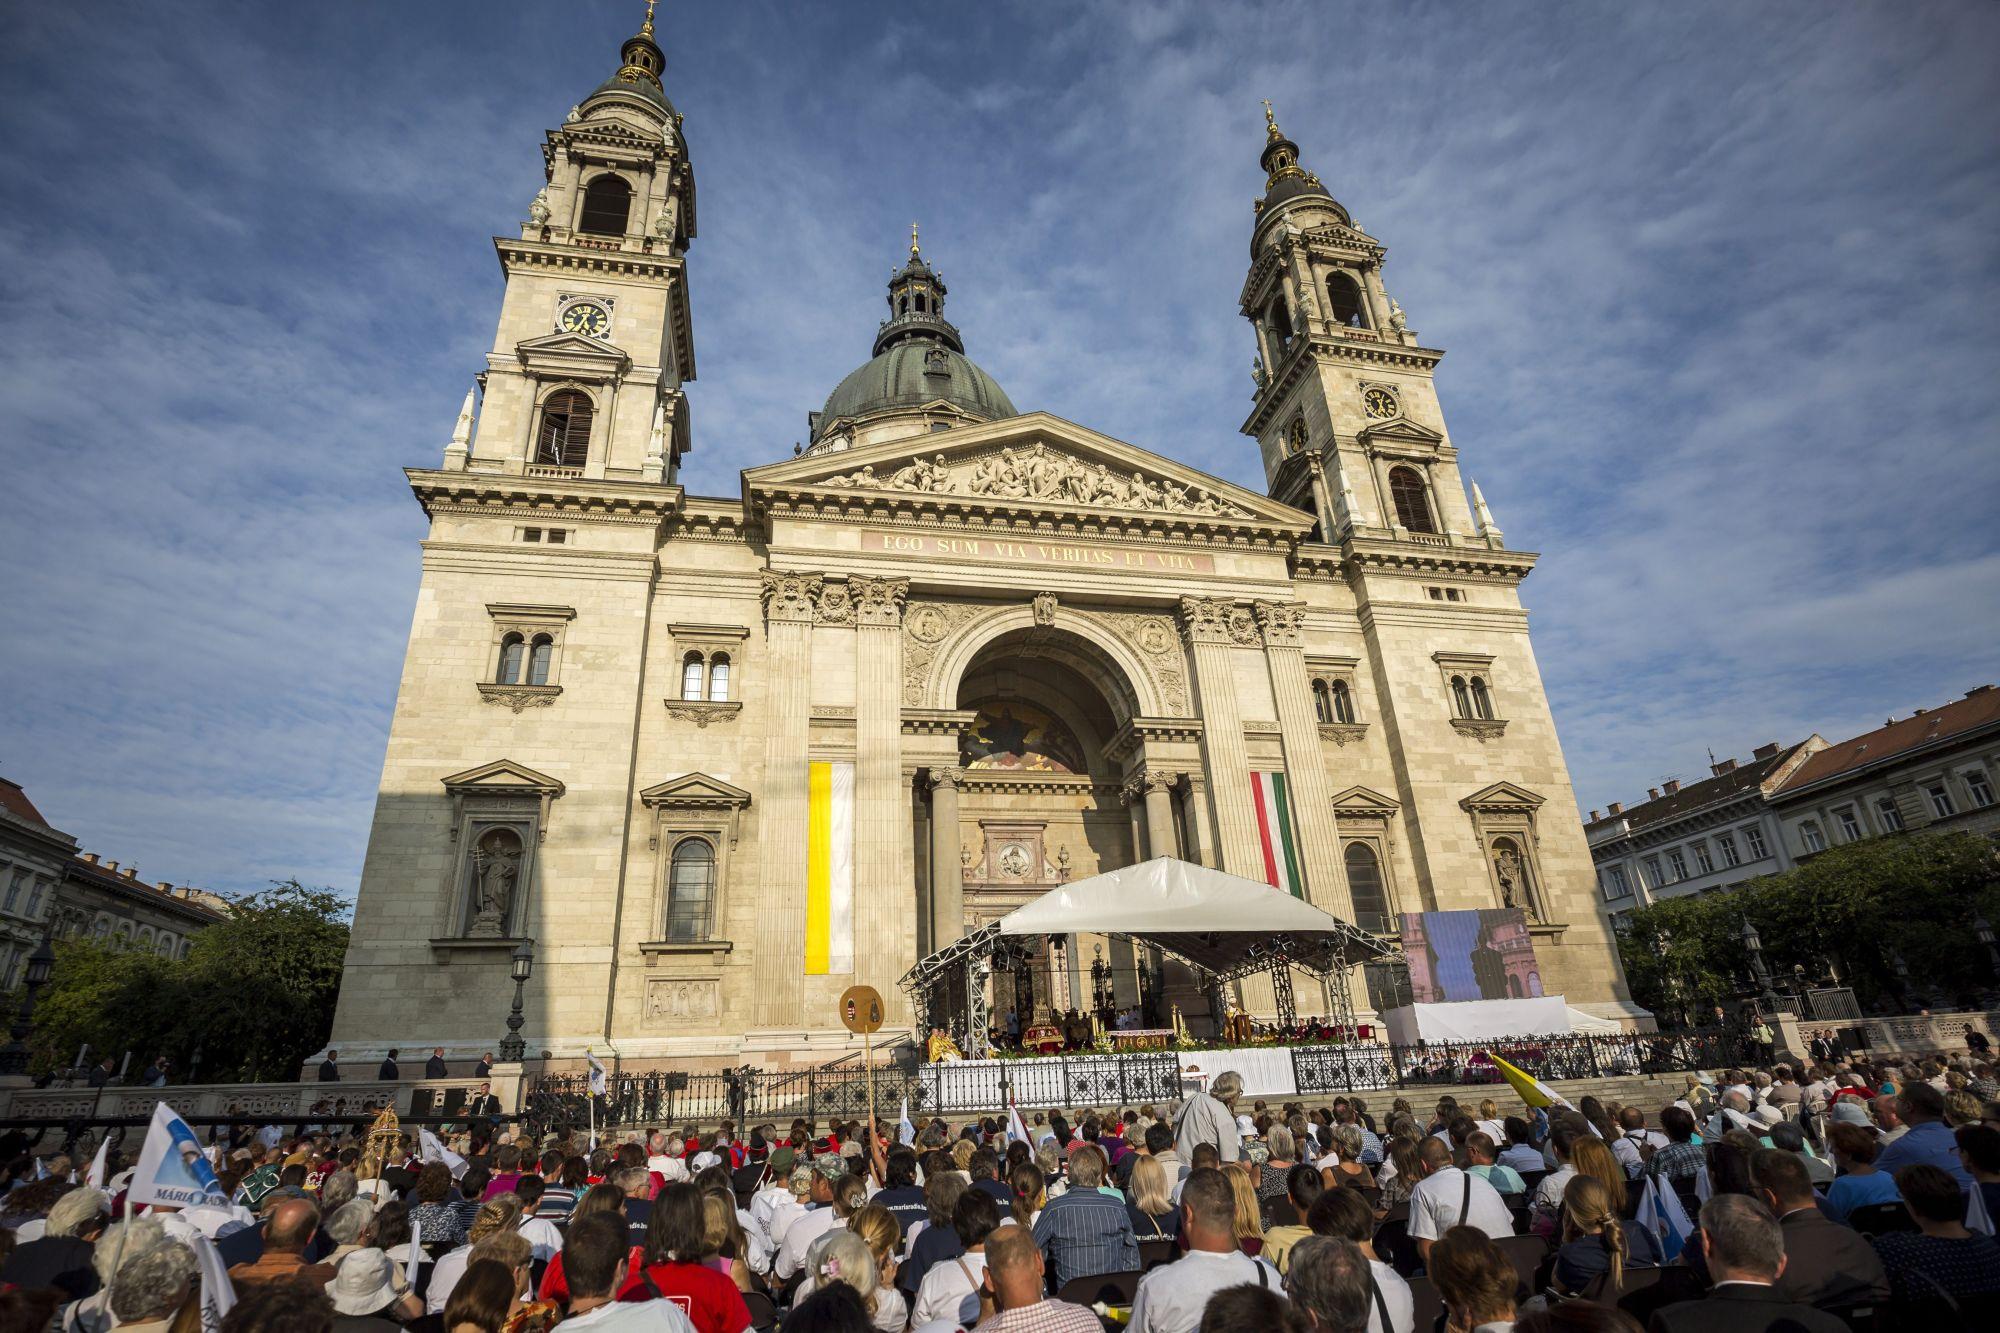 Illusztráció: Résztvevők a Szent István-napi ünnepi szentmisén a budapesti Szent István-bazilika előtt 2017. augusztus 20-án (Mohai Balázs/MTI/MTVA)